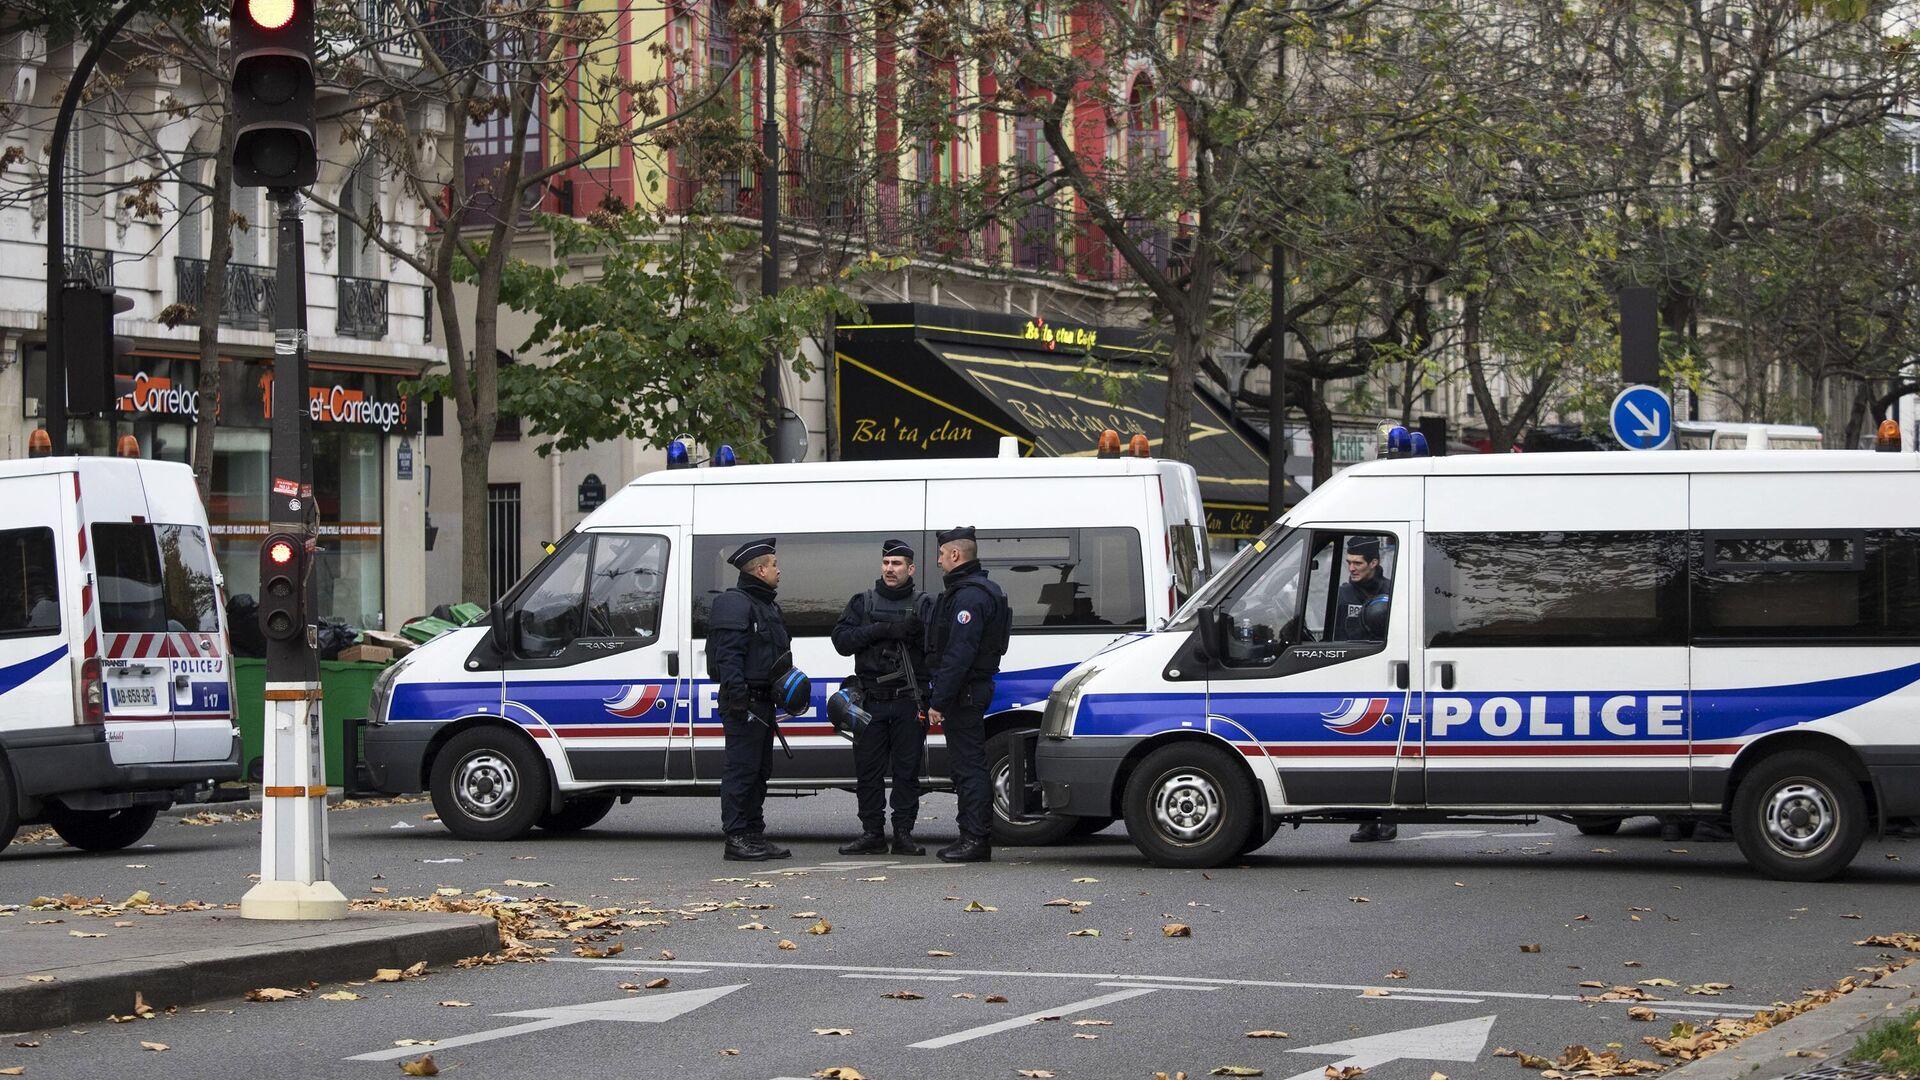 Polizei in Frankreich (Symbolbild)  - SNA, 1920, 01.02.2021